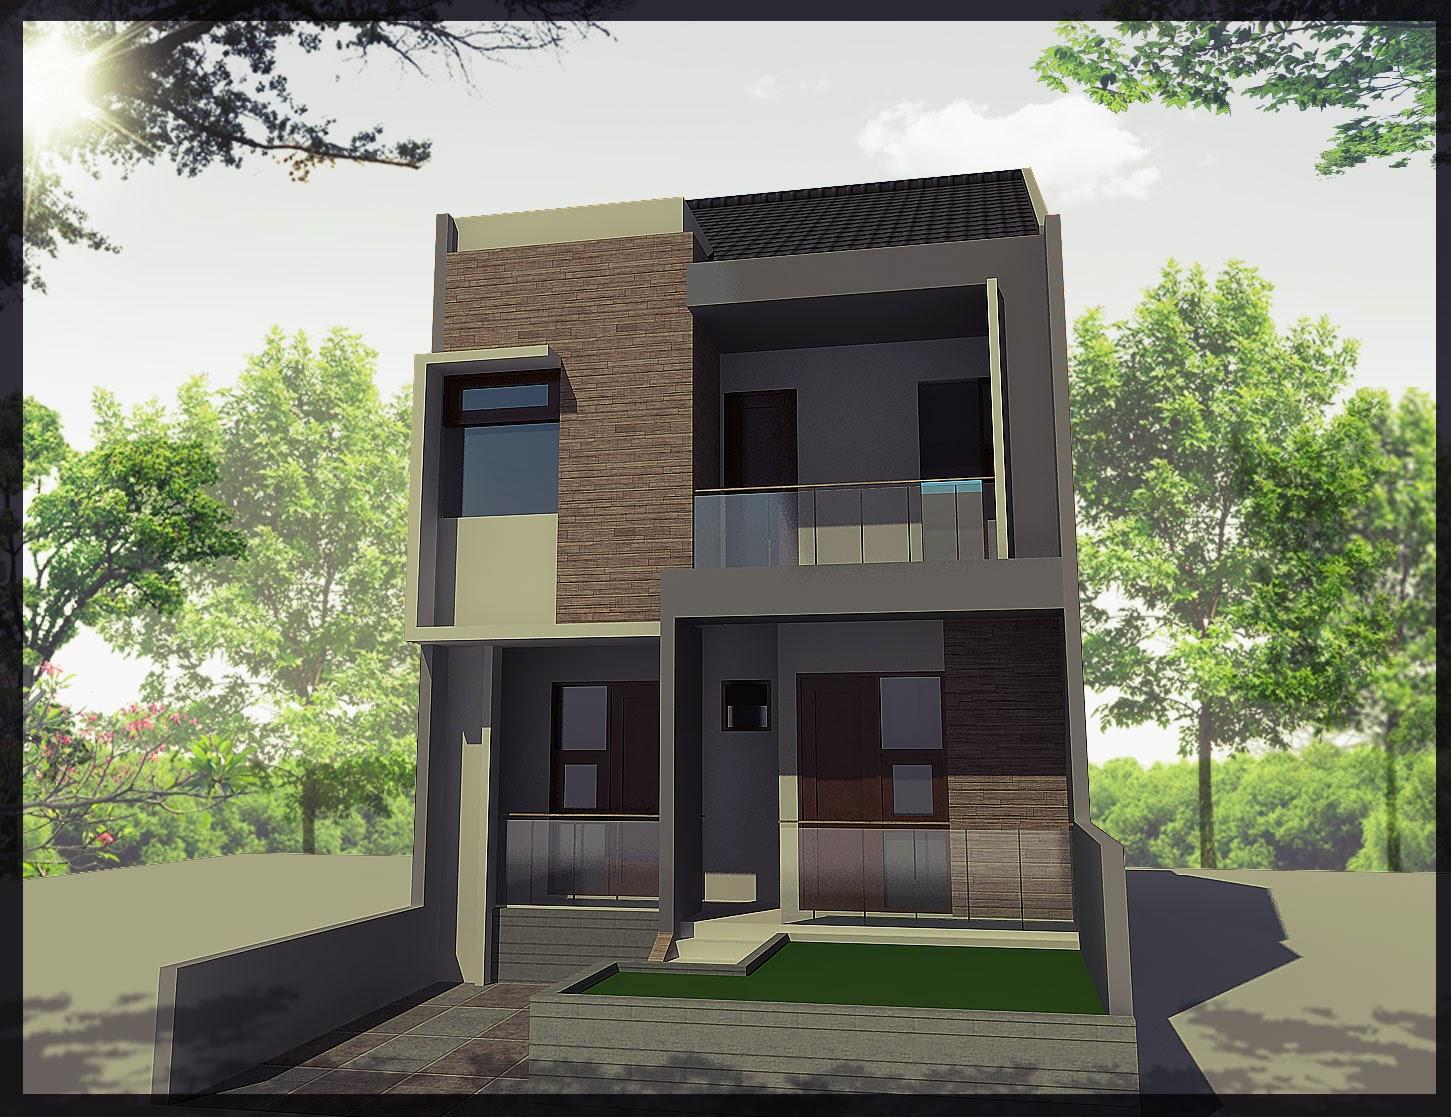 Denah dan Desain Rumah Tingkat Minimalis Terbaru 2014  Desain Rumah Minimalis Terbaik